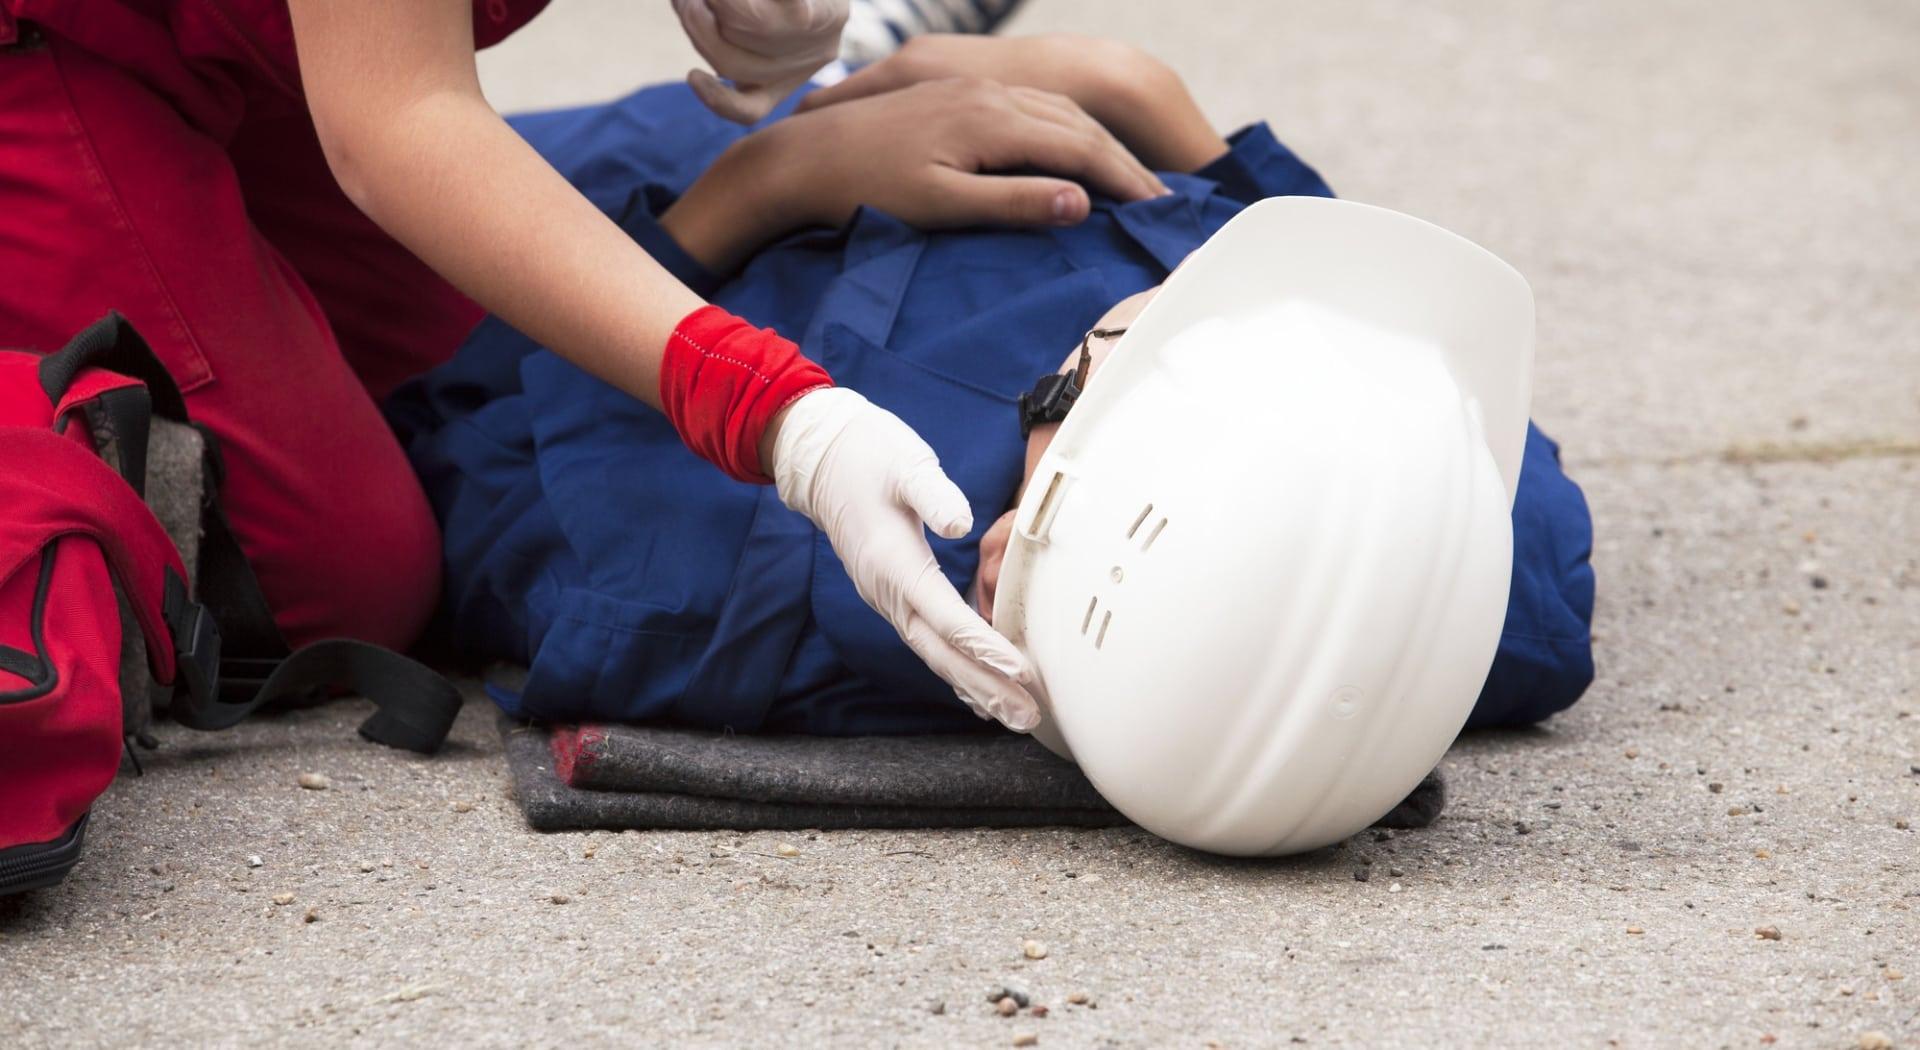 Arbeidsulykker med døden til følge rammer flest menn